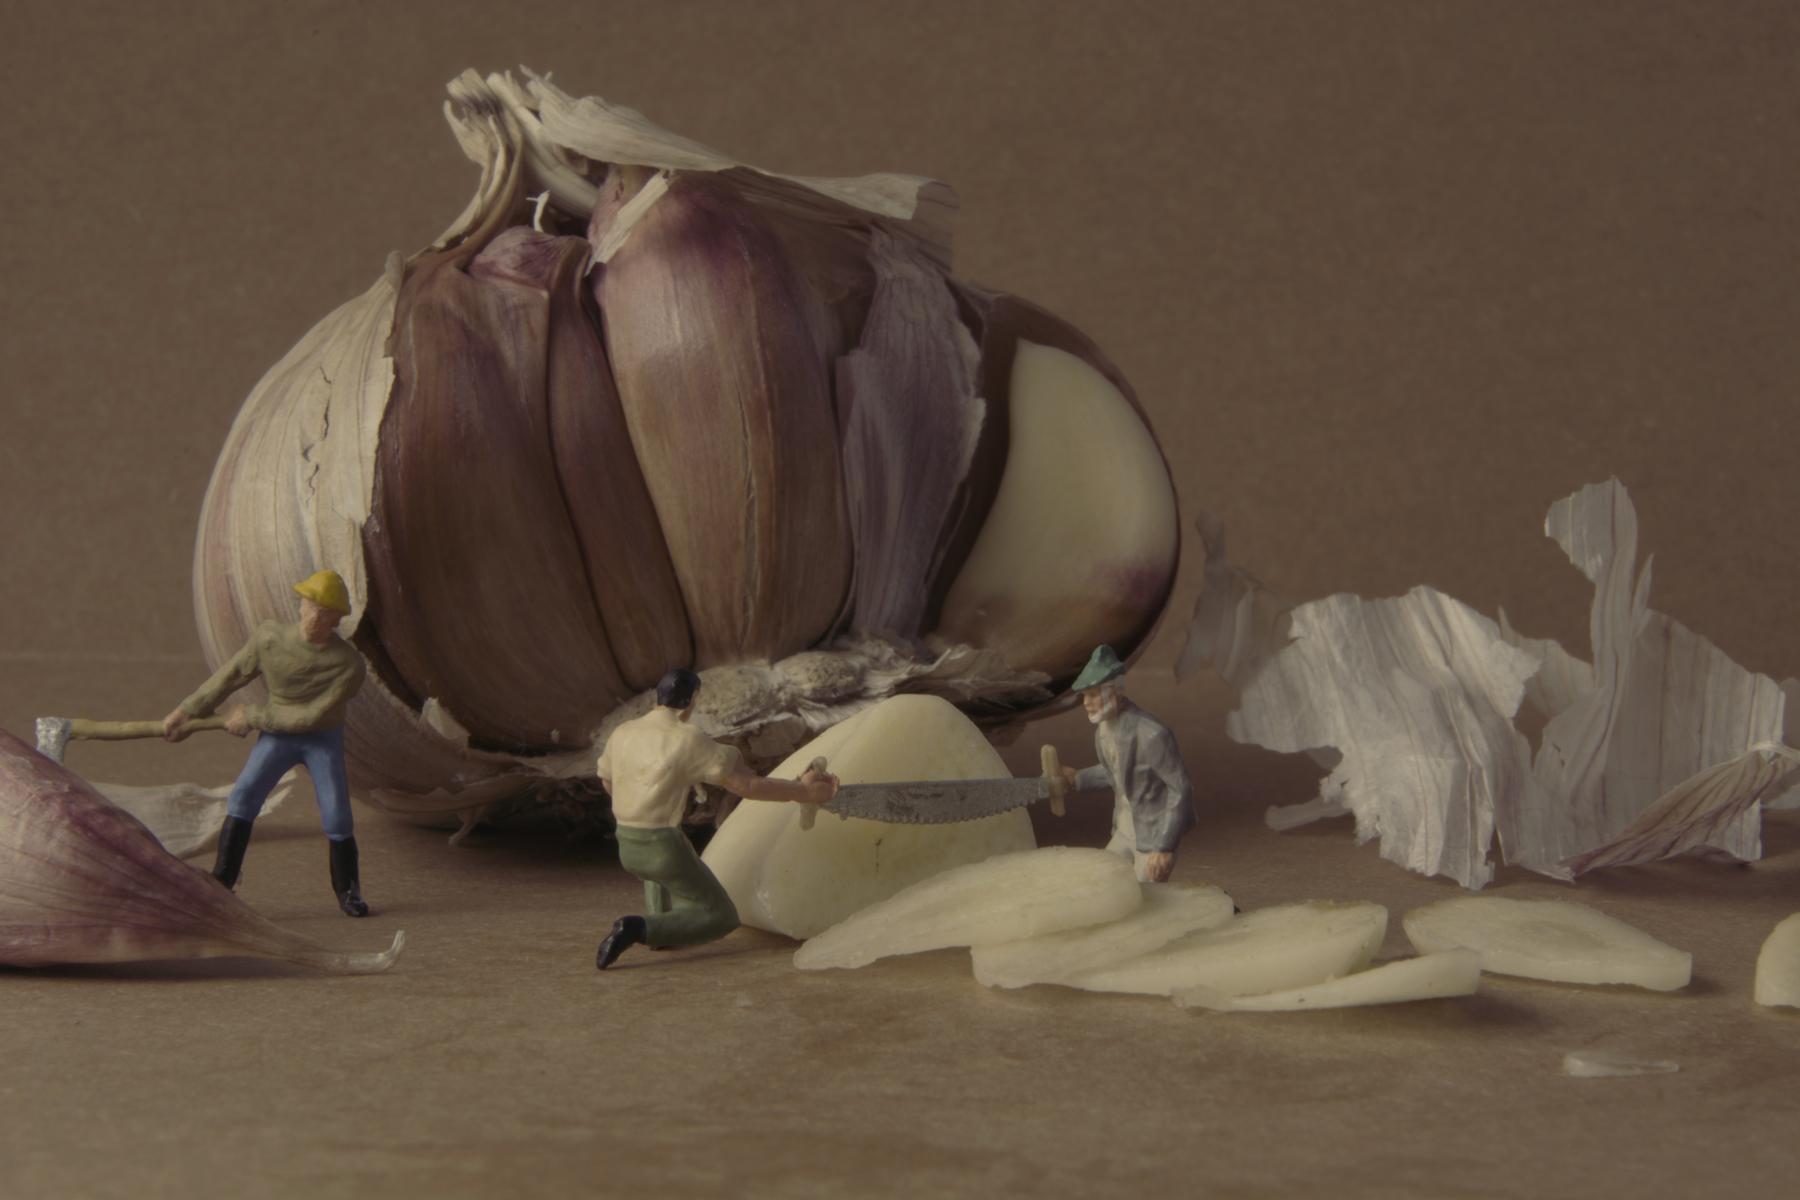 Hintergrundbilder : Malerei, Weiß, Lebensmittel, Spielzeug, Modell ...